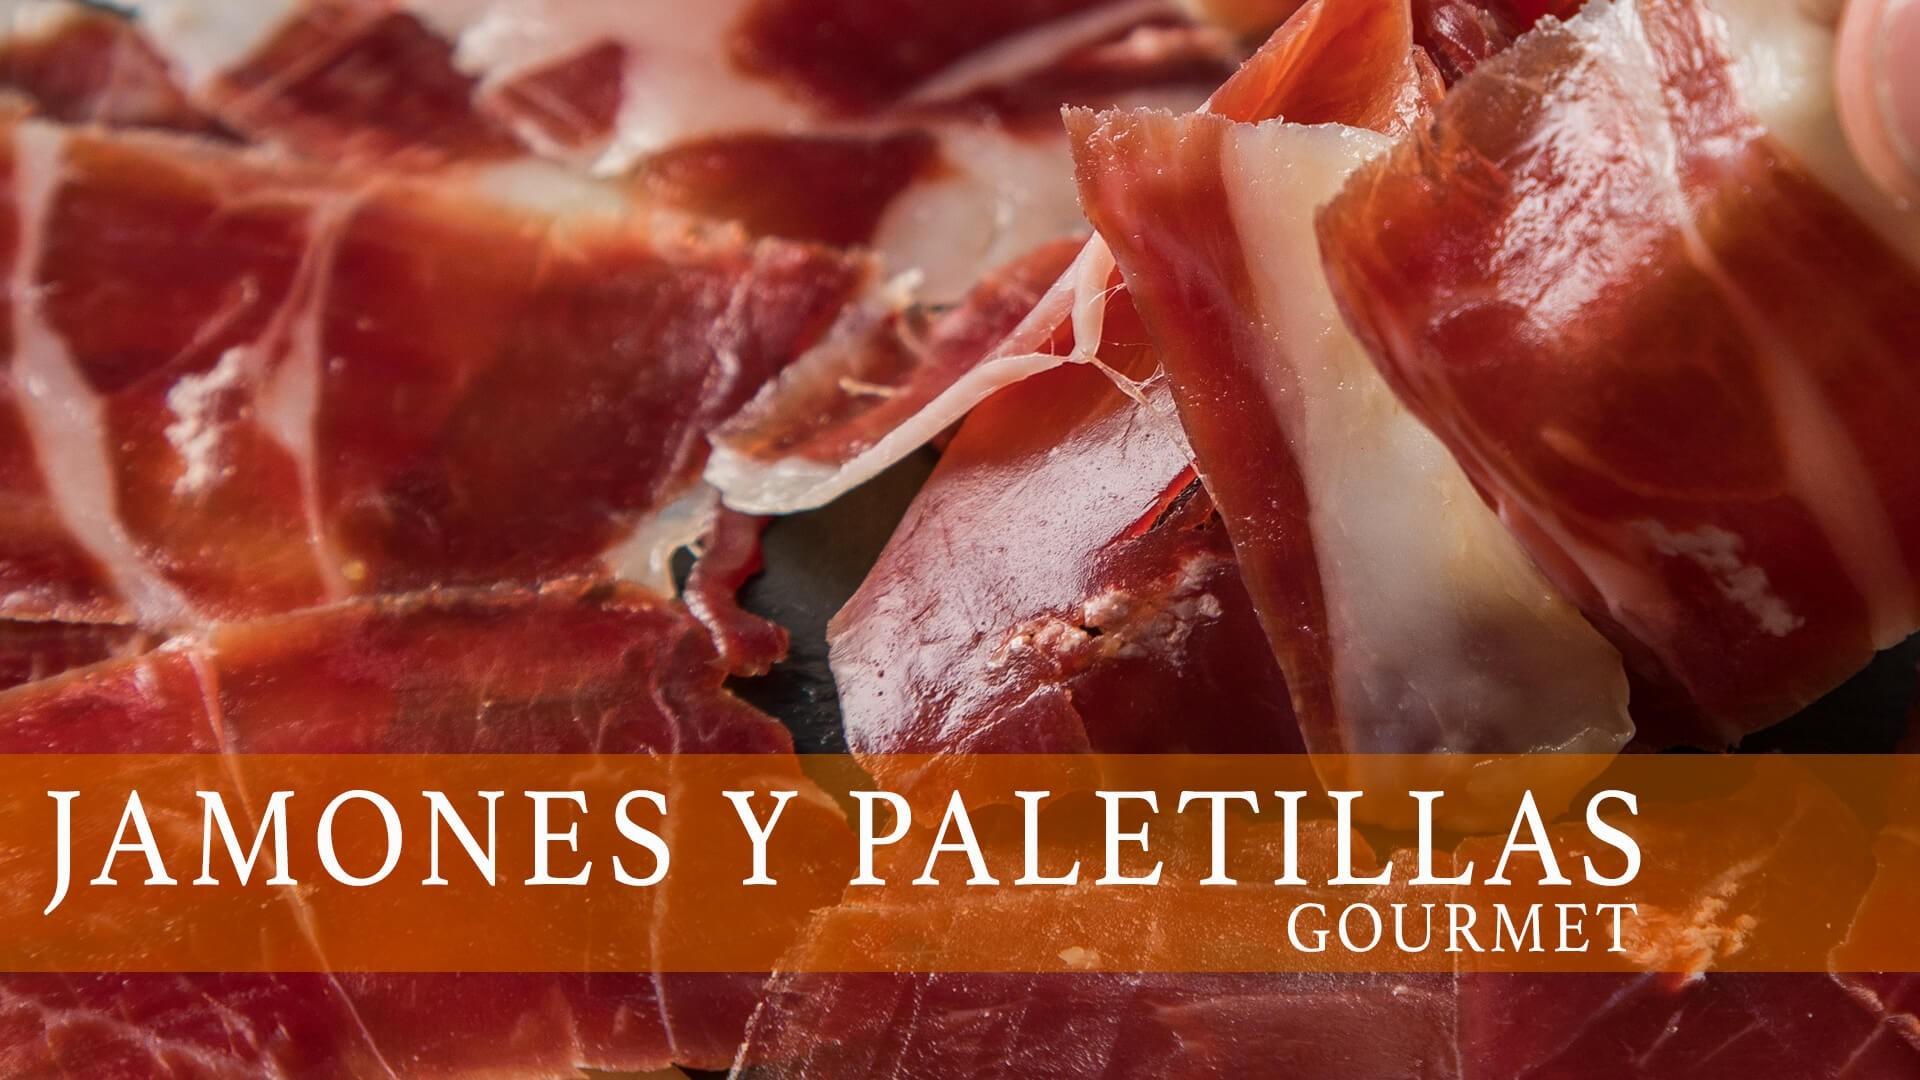 Jamones y Paletillas